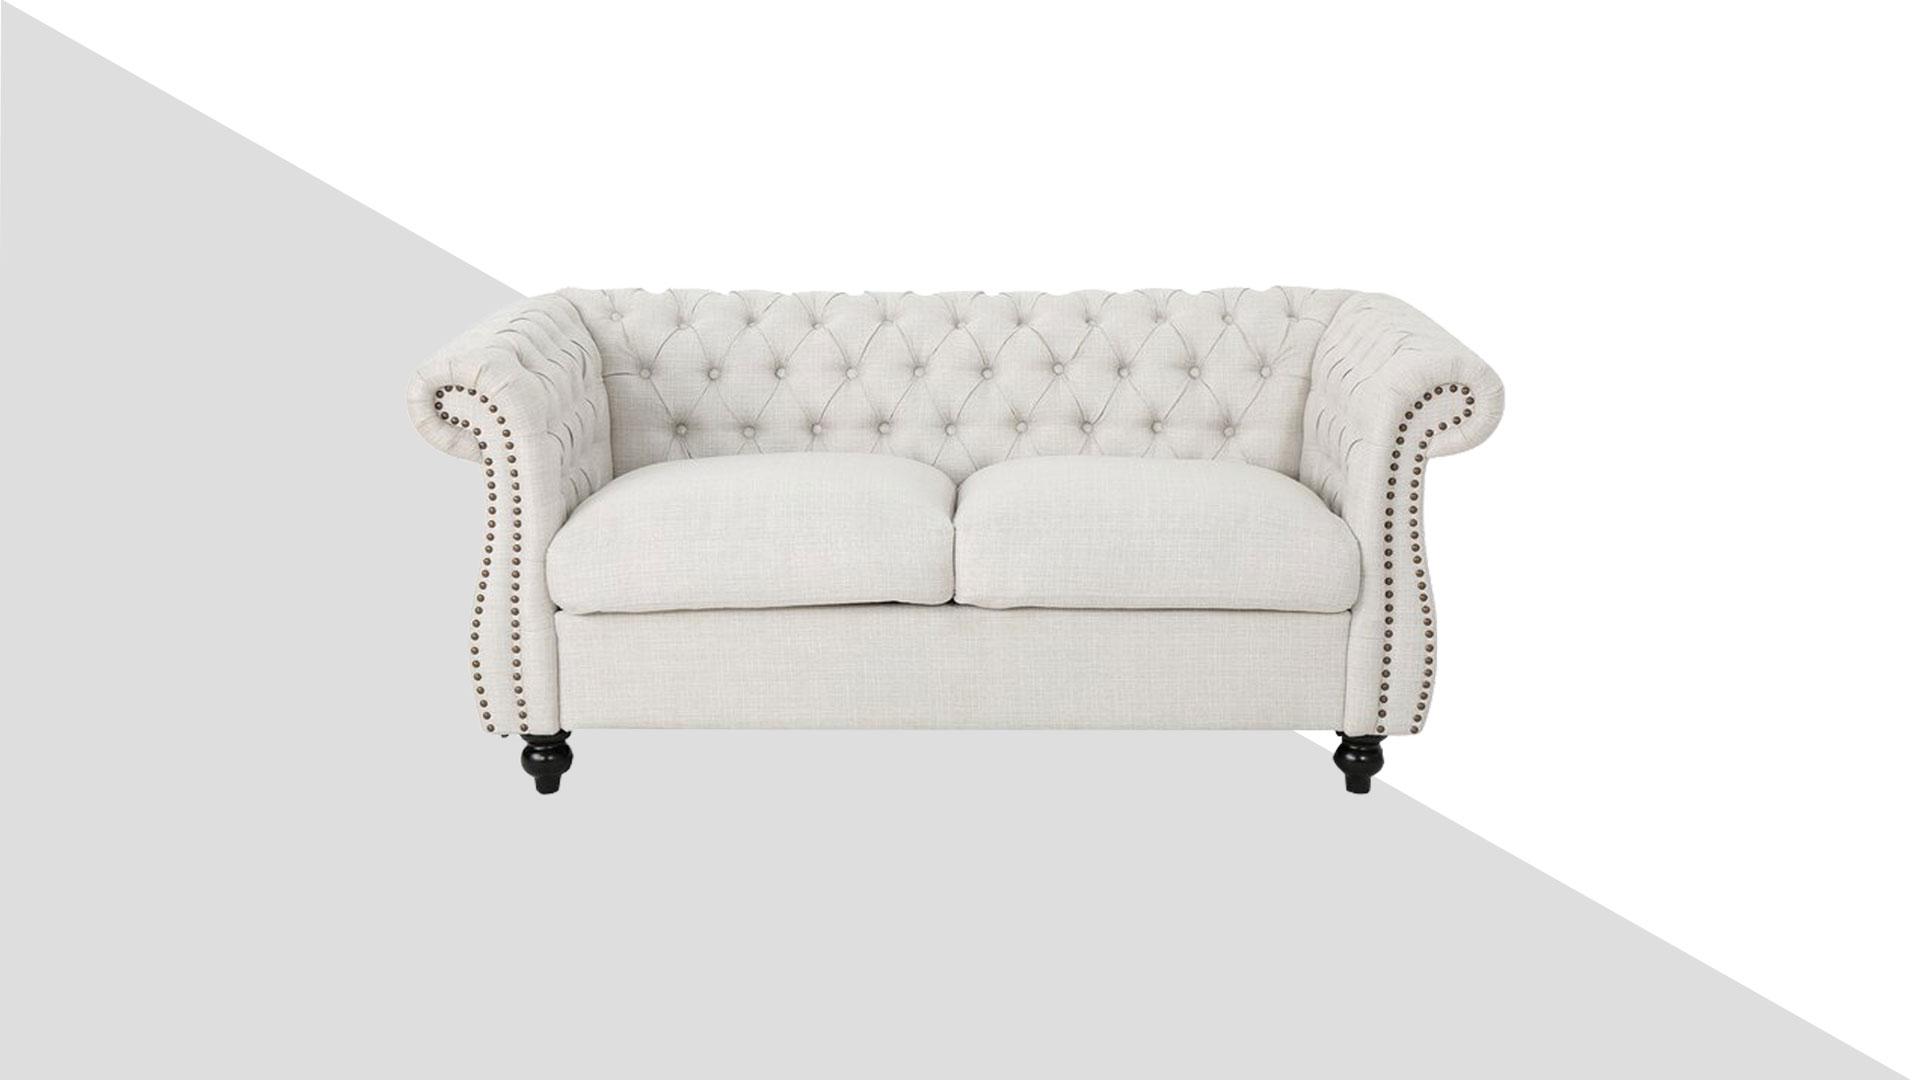 Скачать модель дивана молочного цвета вклассическом стиле для работы вфотошопе